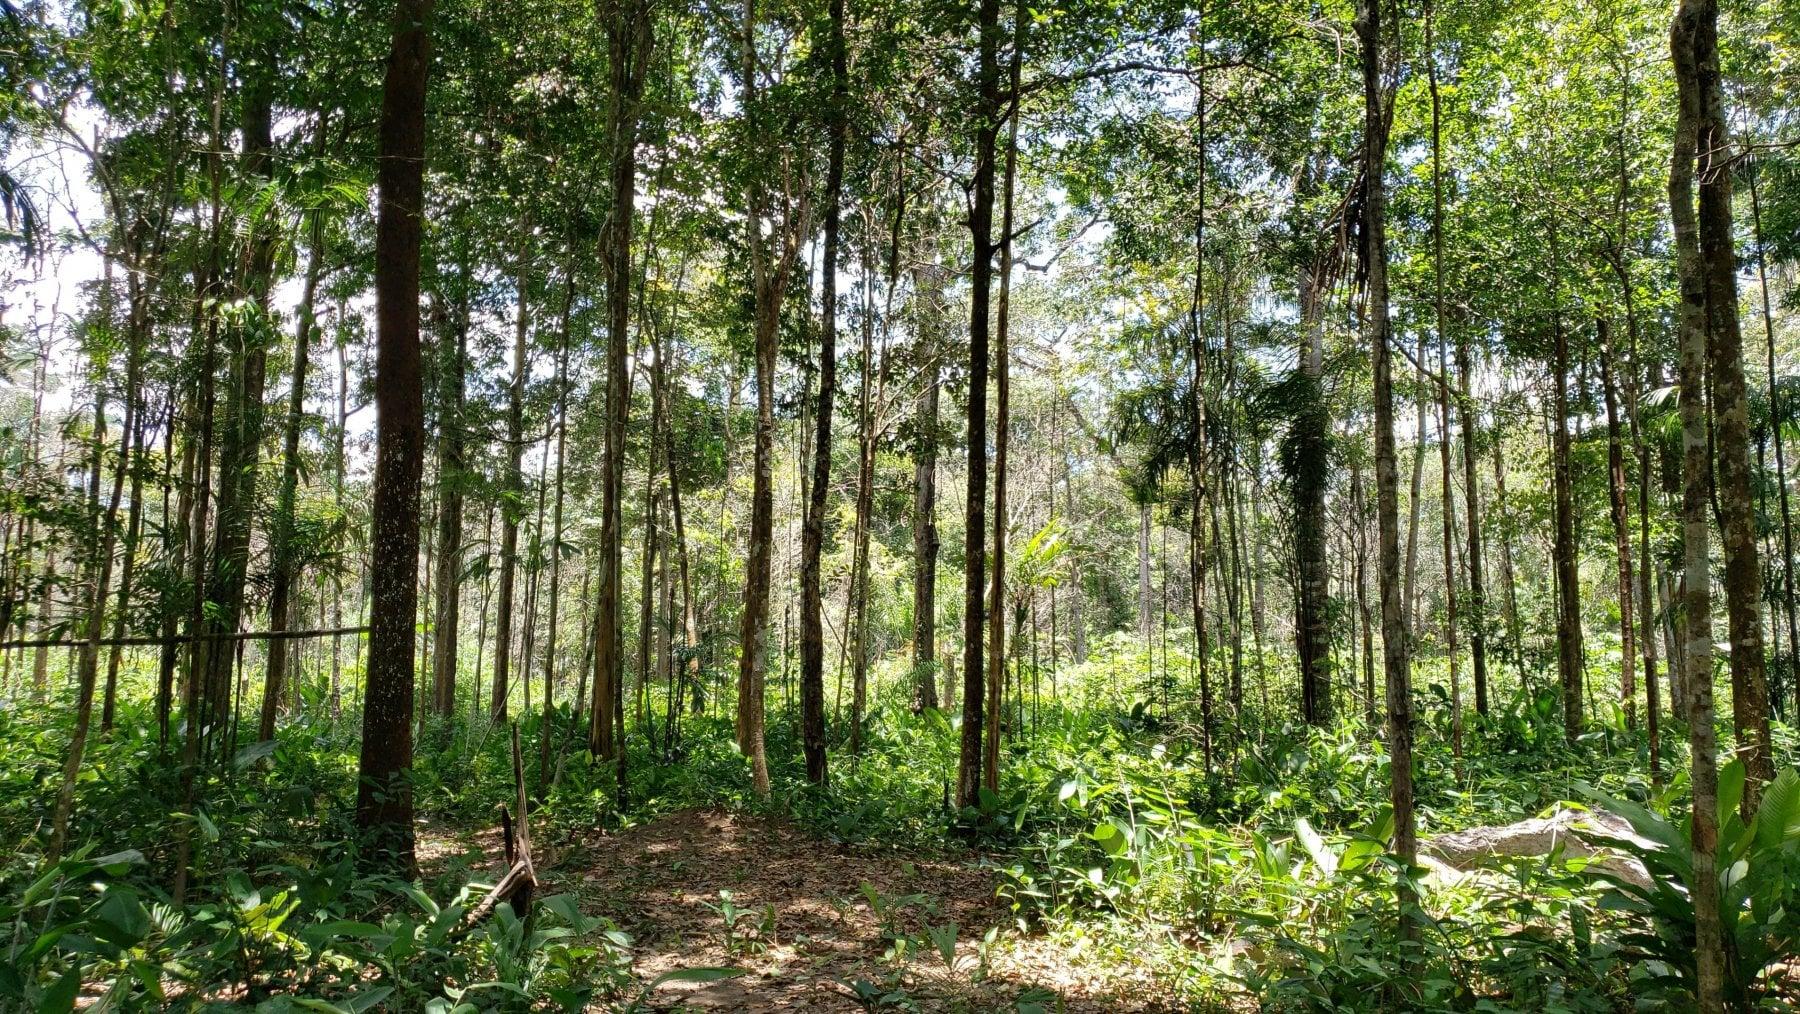 La nuova Amazzonia è sulle Ande. E potrà salvare il mondo